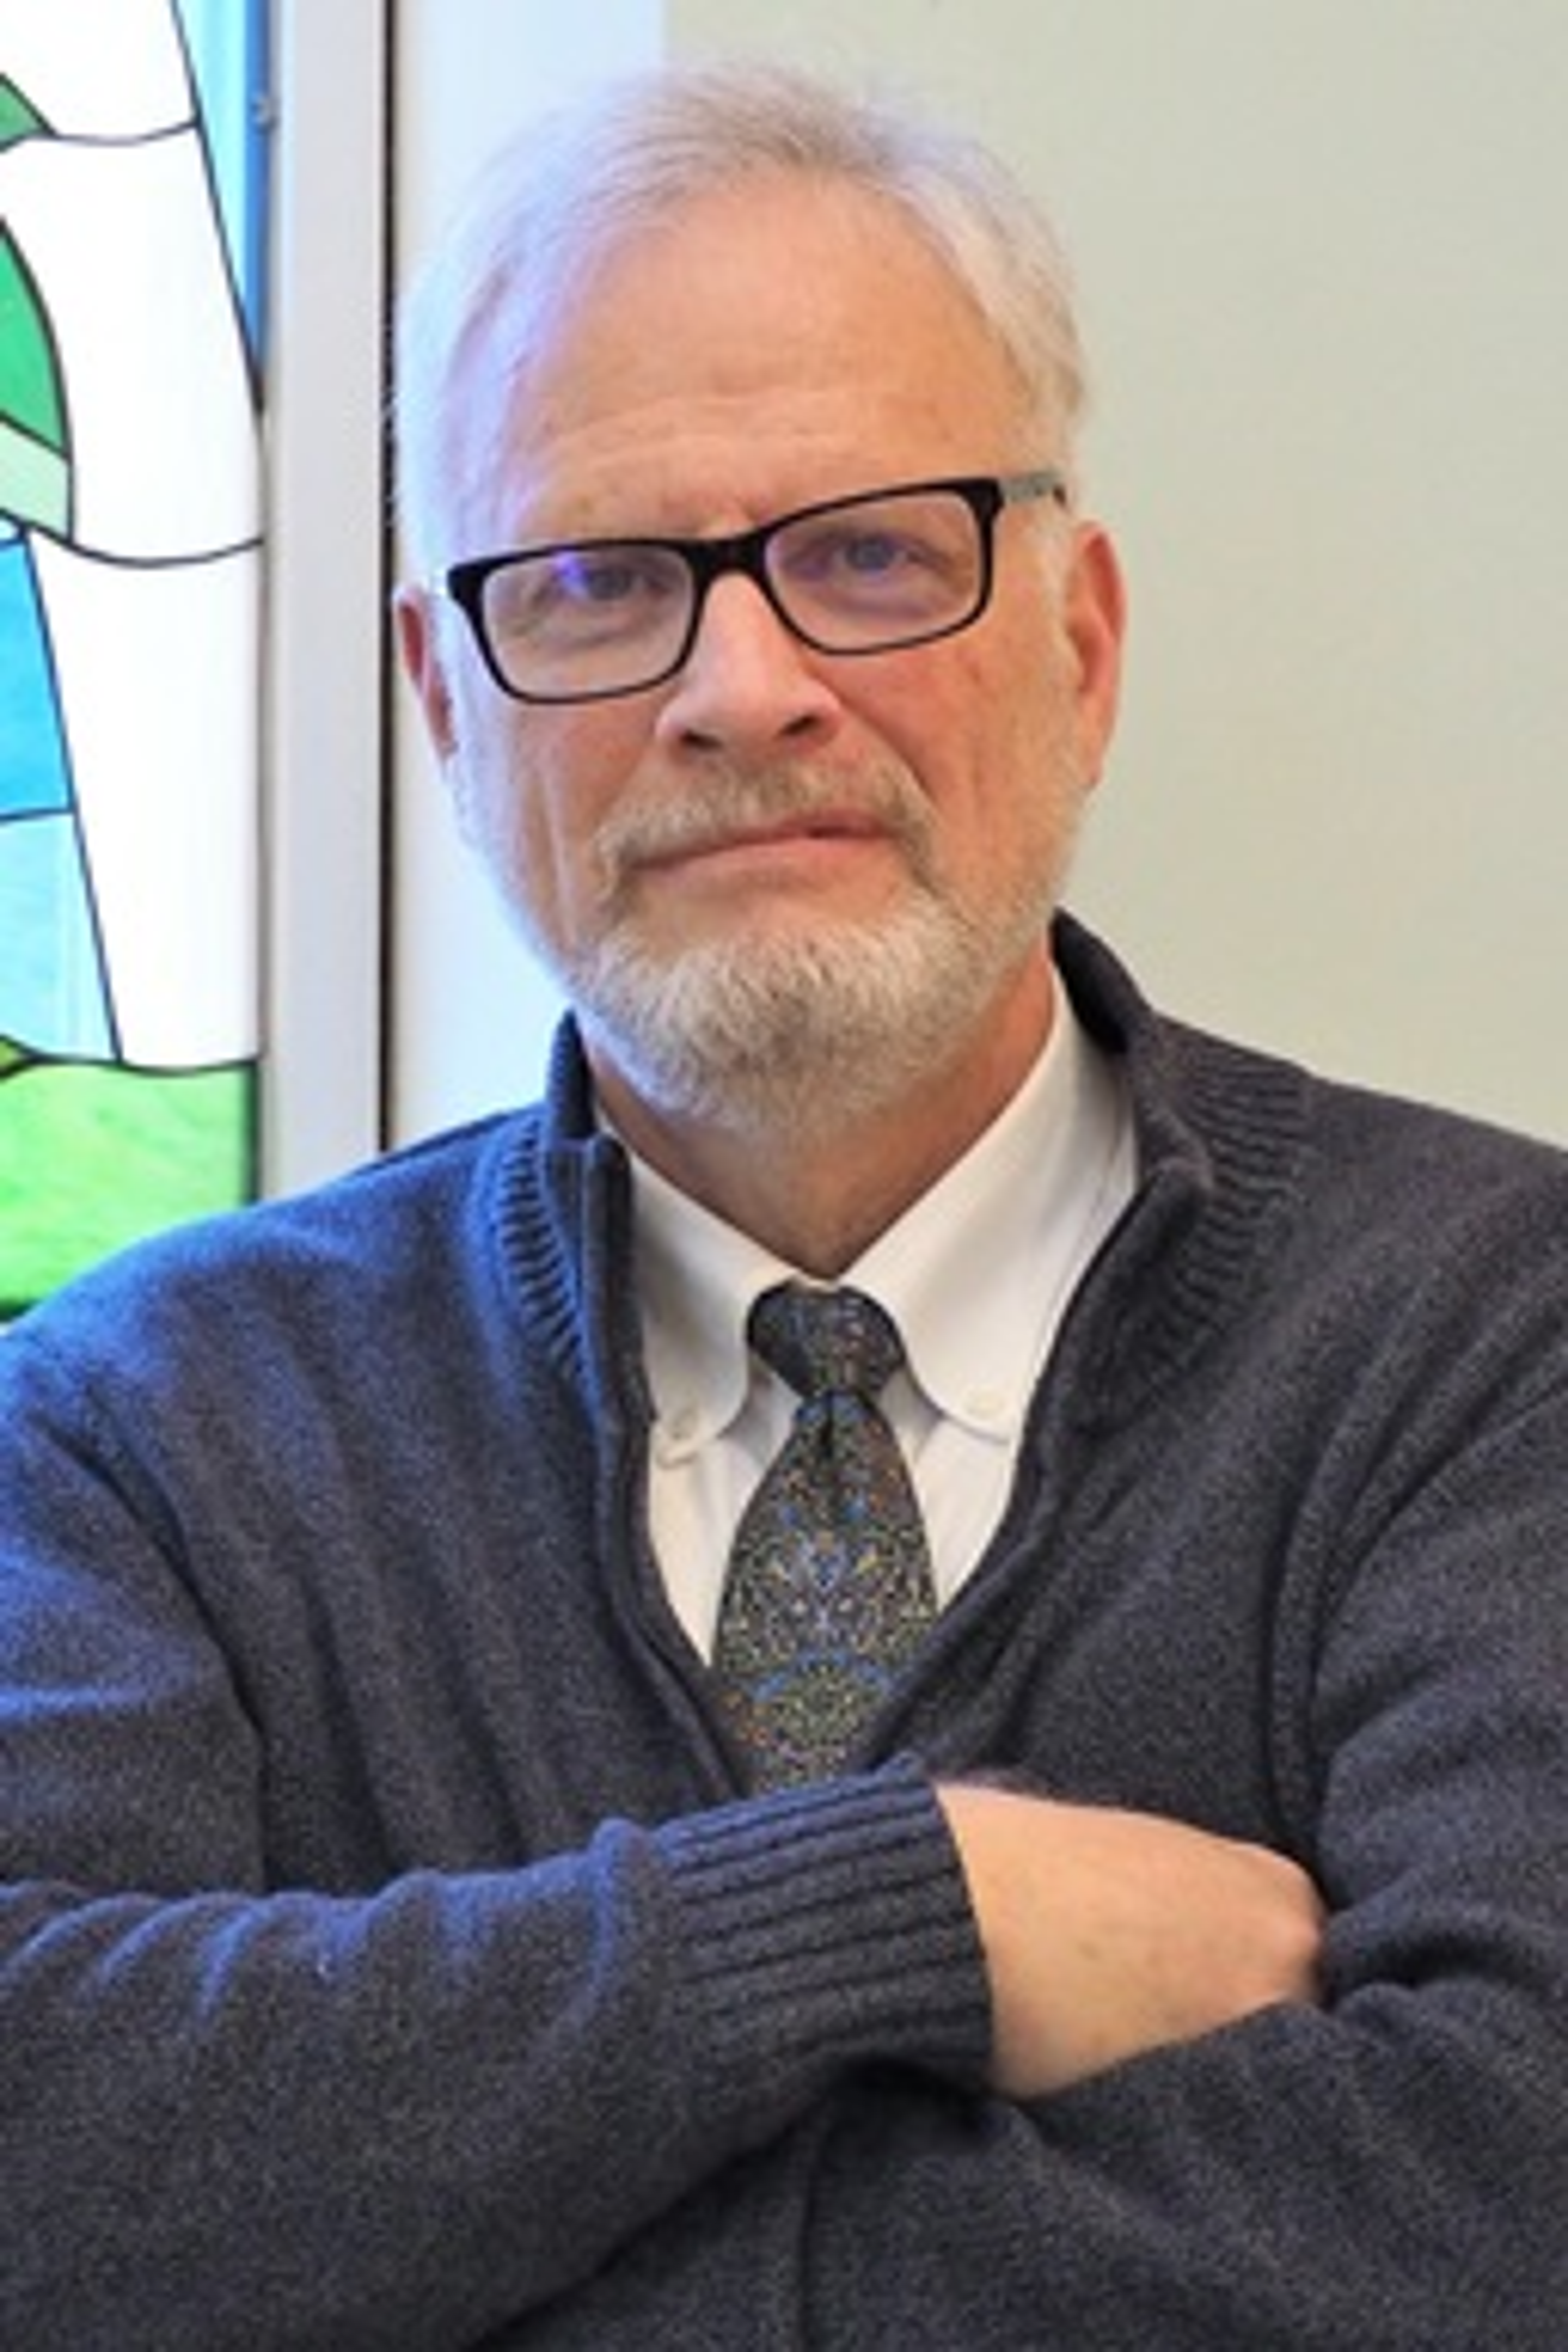 The Rev. Jeffrey Edwards. Photo by Joanne Rich.